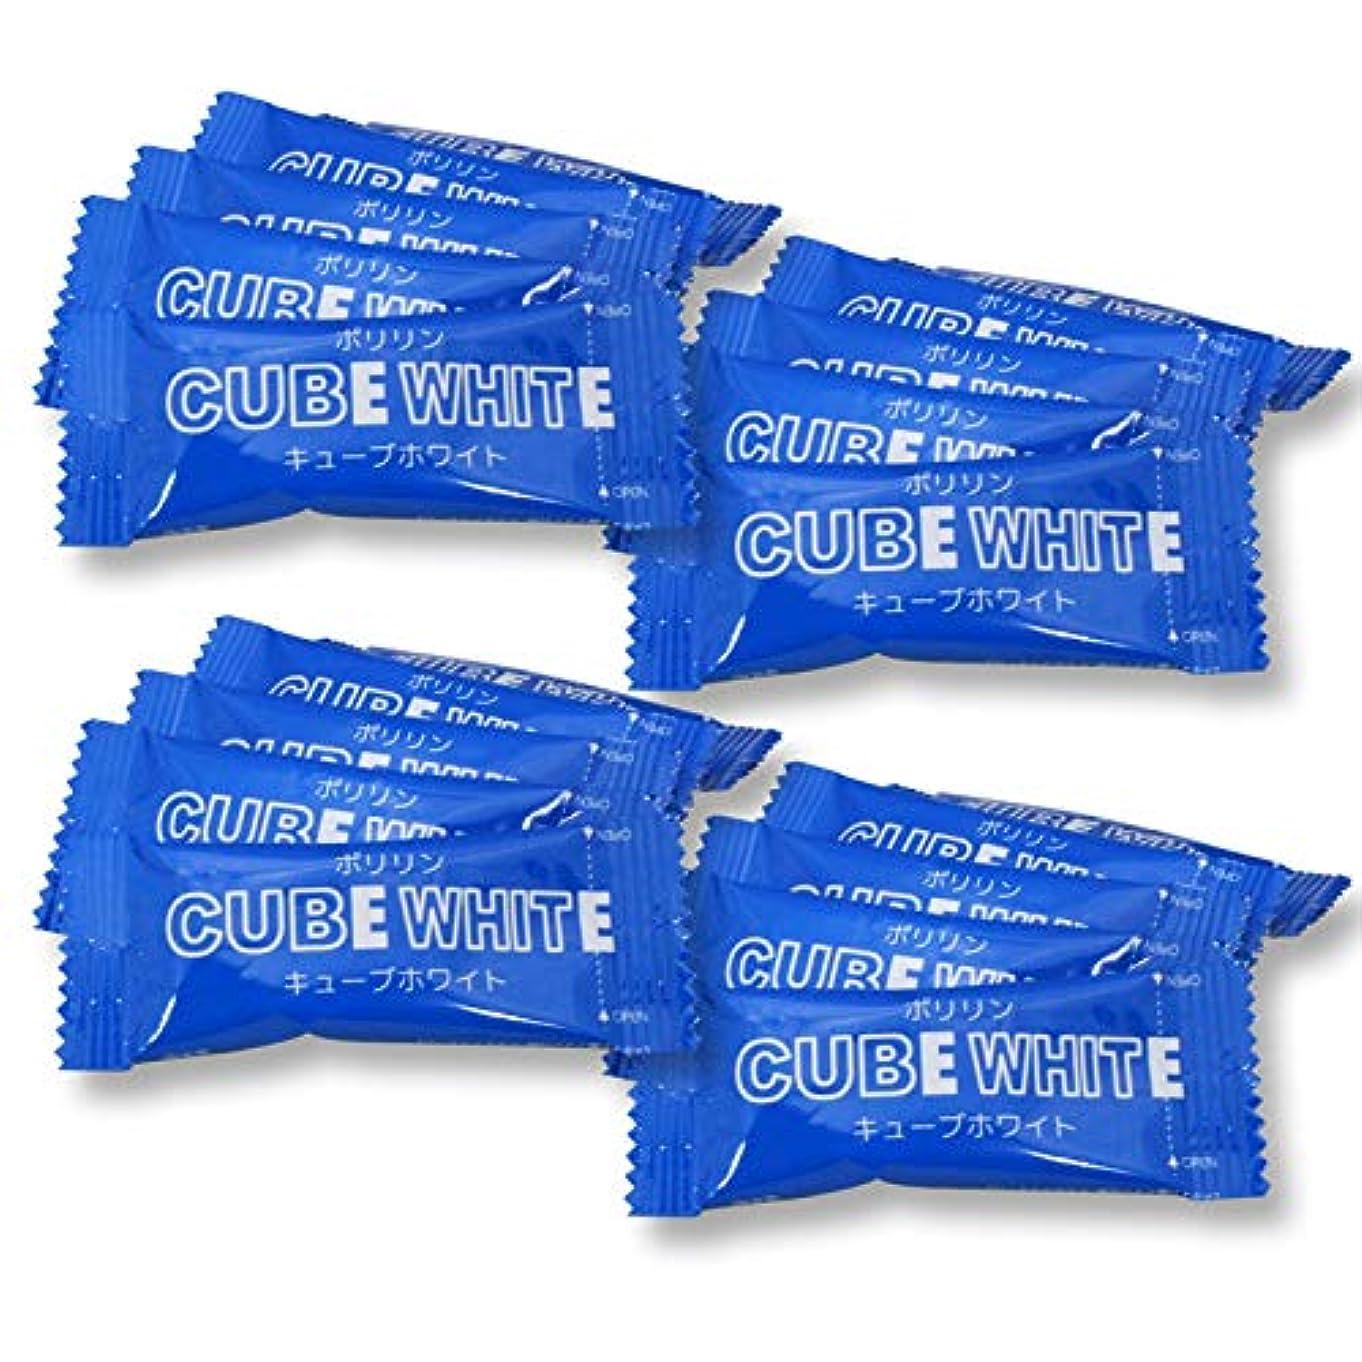 スラダム速い成長リジェンティス キューブホワイト 【20袋入】 歯面専用 スポンジ 歯 ブラシ 付き ホワイトニング 歯磨き